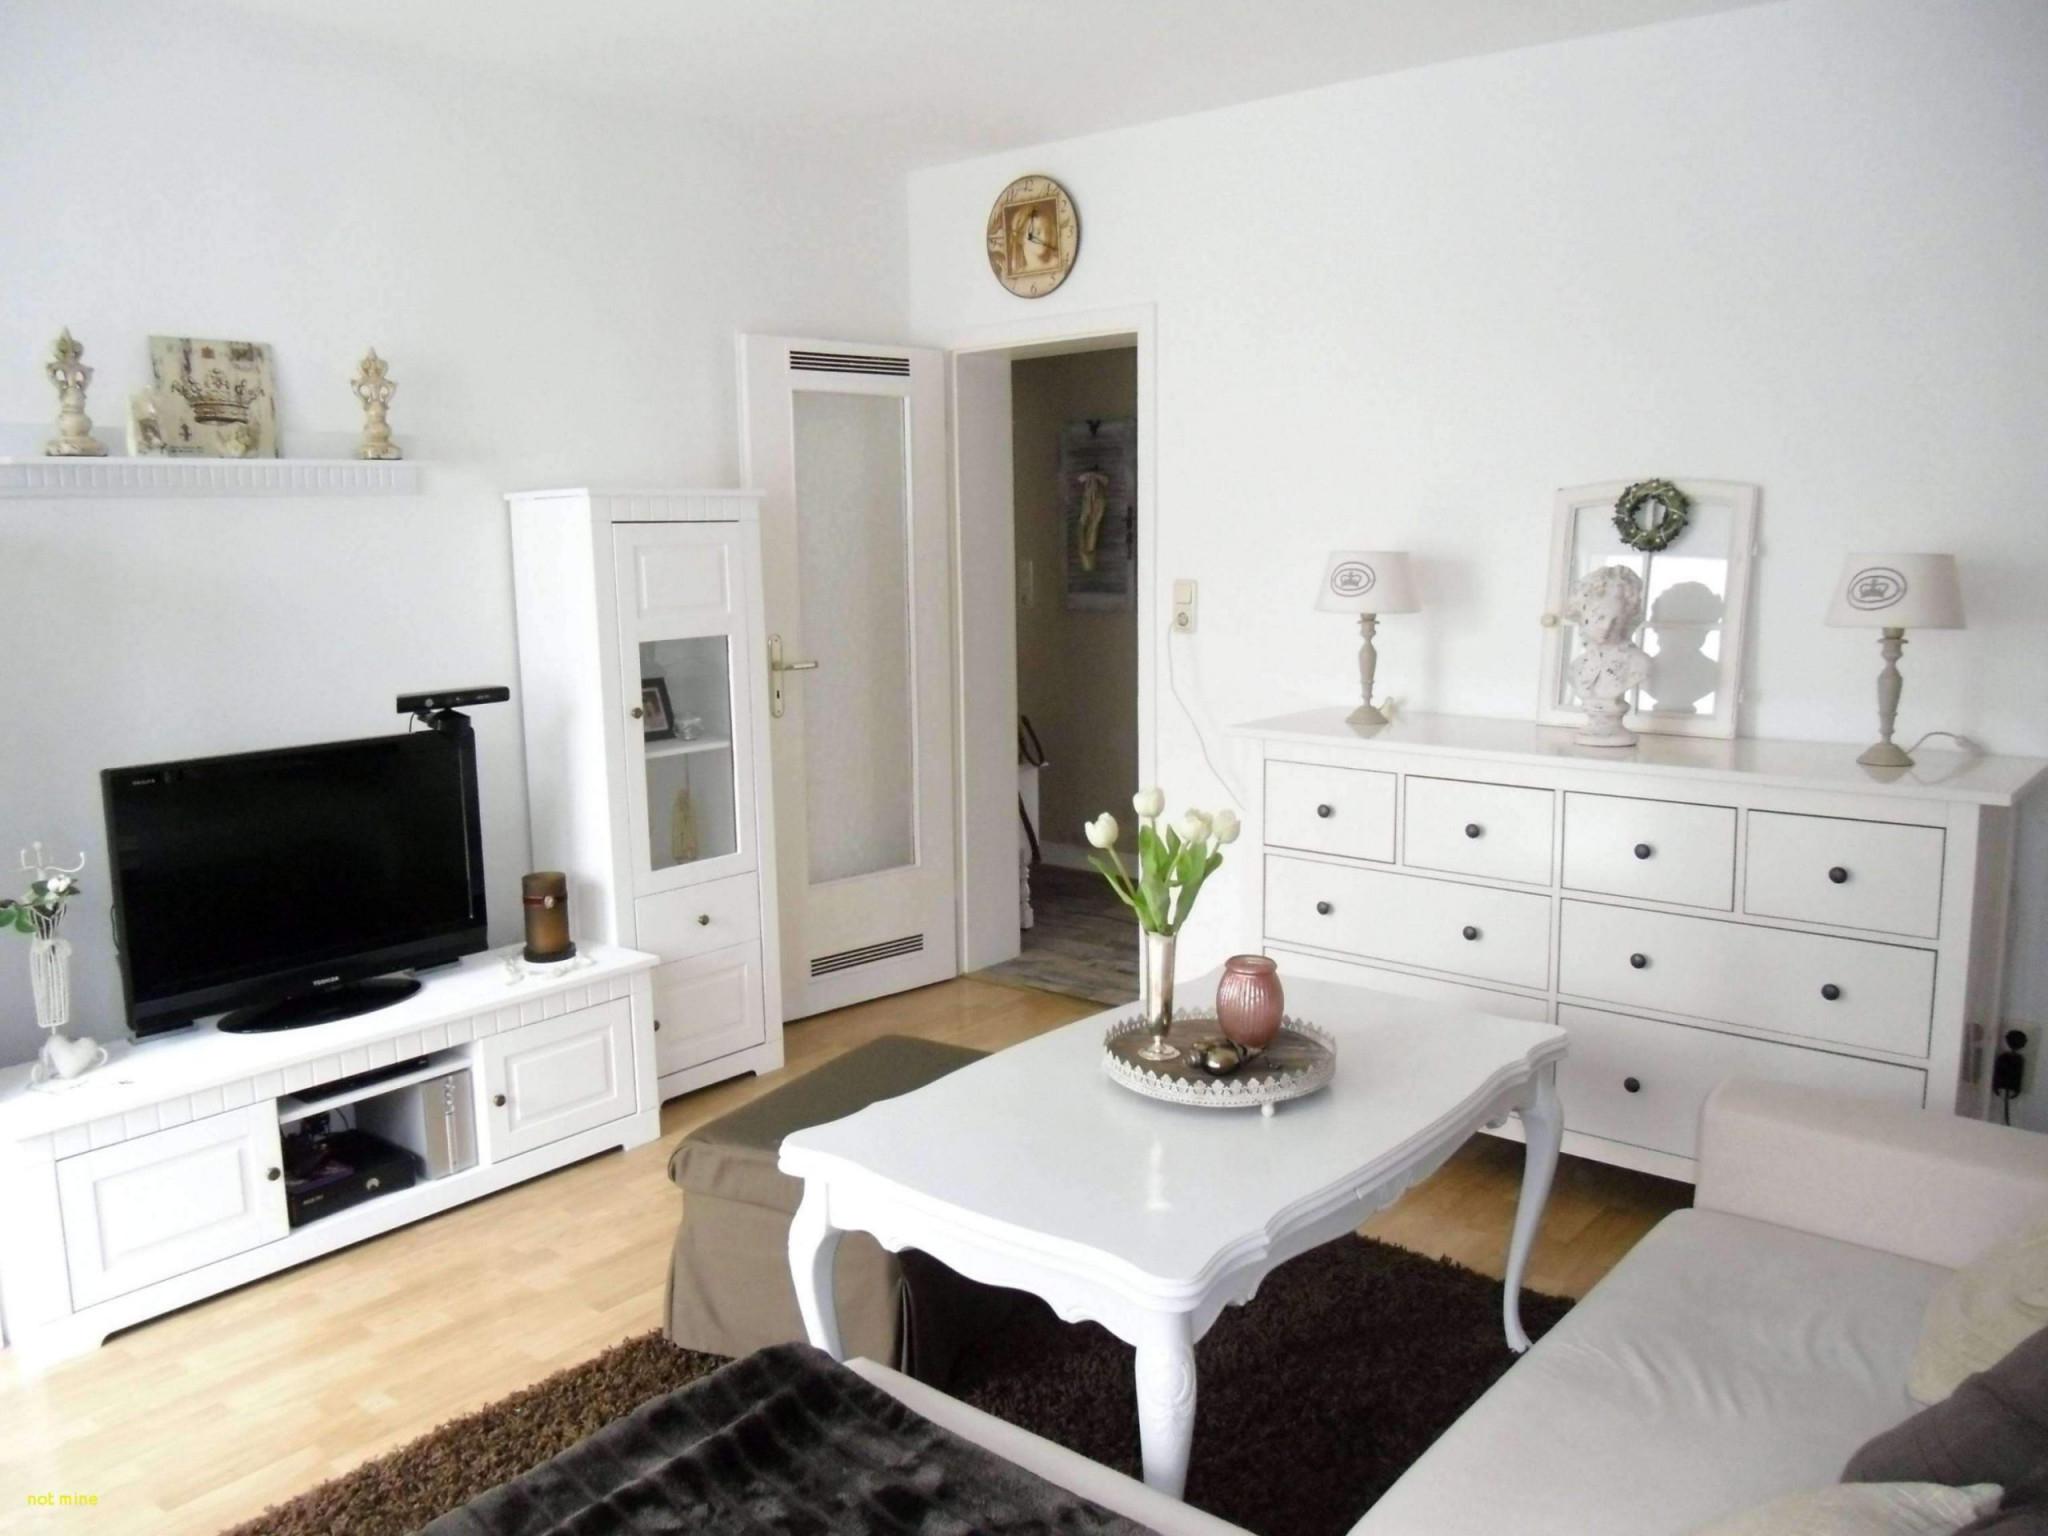 Dekoartikel Wohnzimmer Elegant Schön Wohnzimmer Deko von Wohnzimmer Deko Weiß Bild